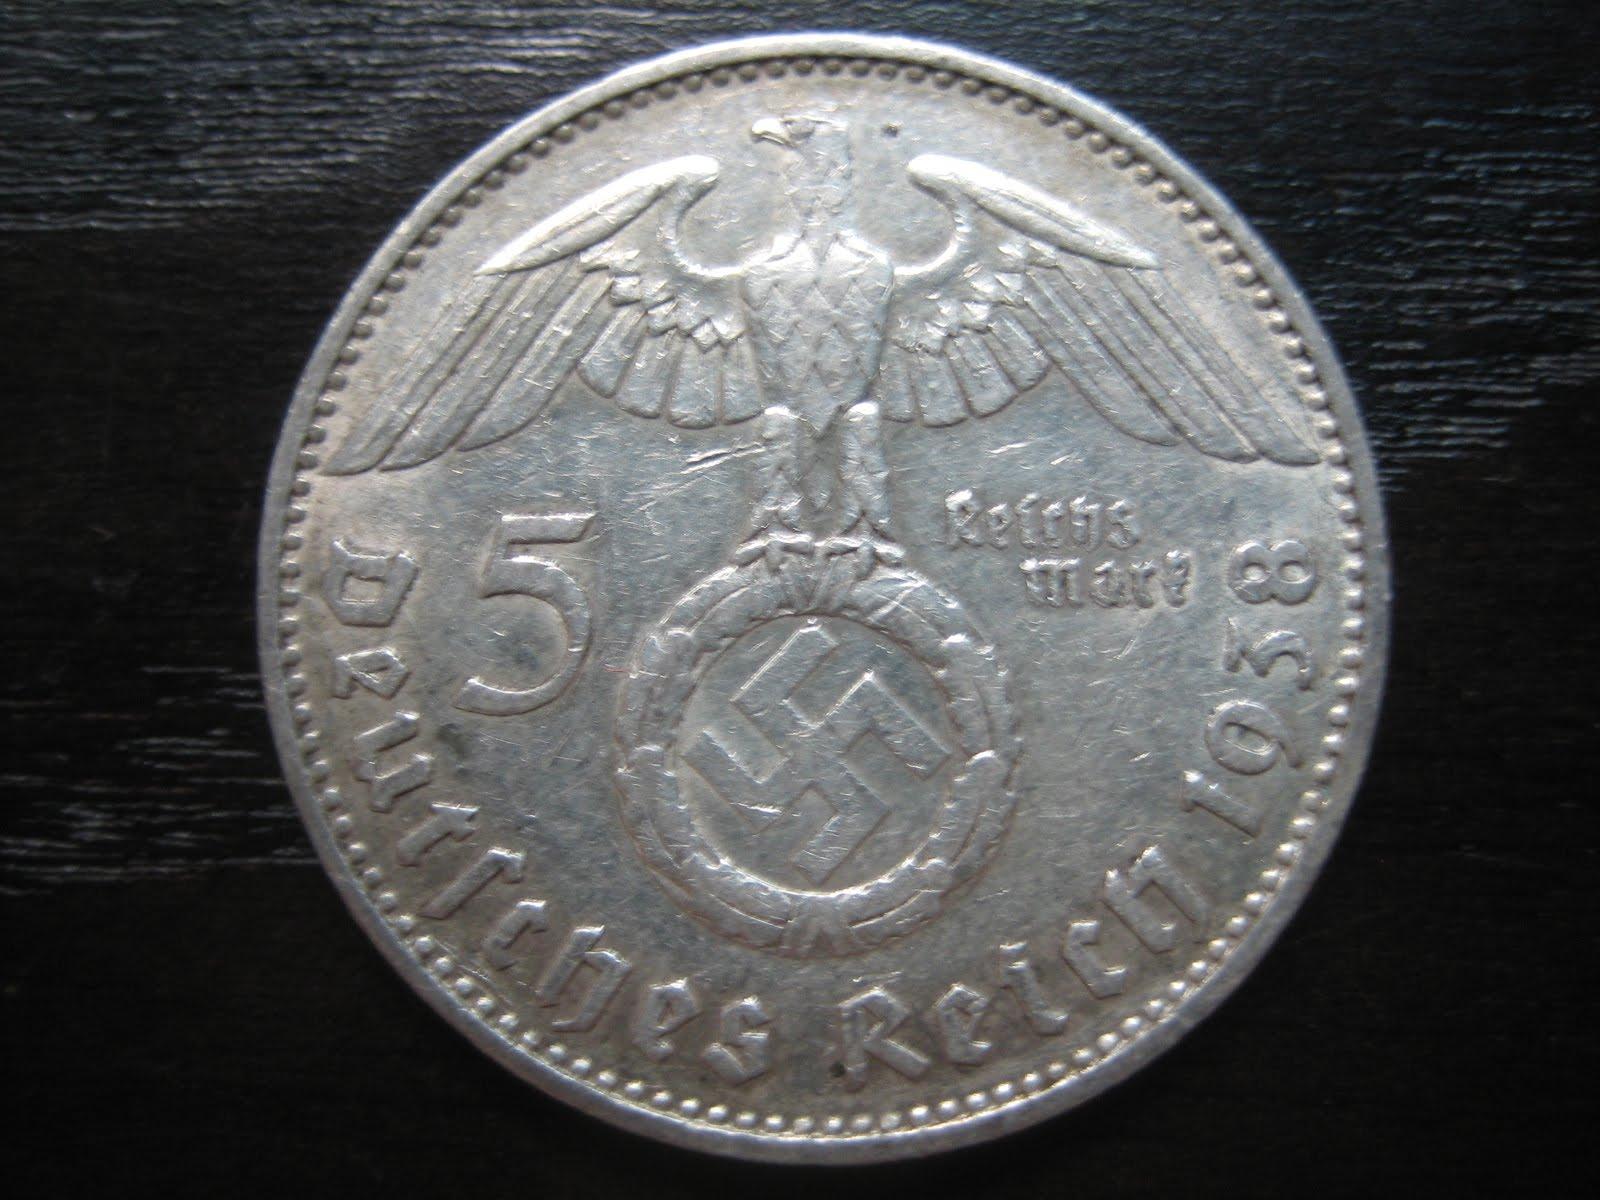 Numismatic Collection 1938 Third Reich Silver Reichmark